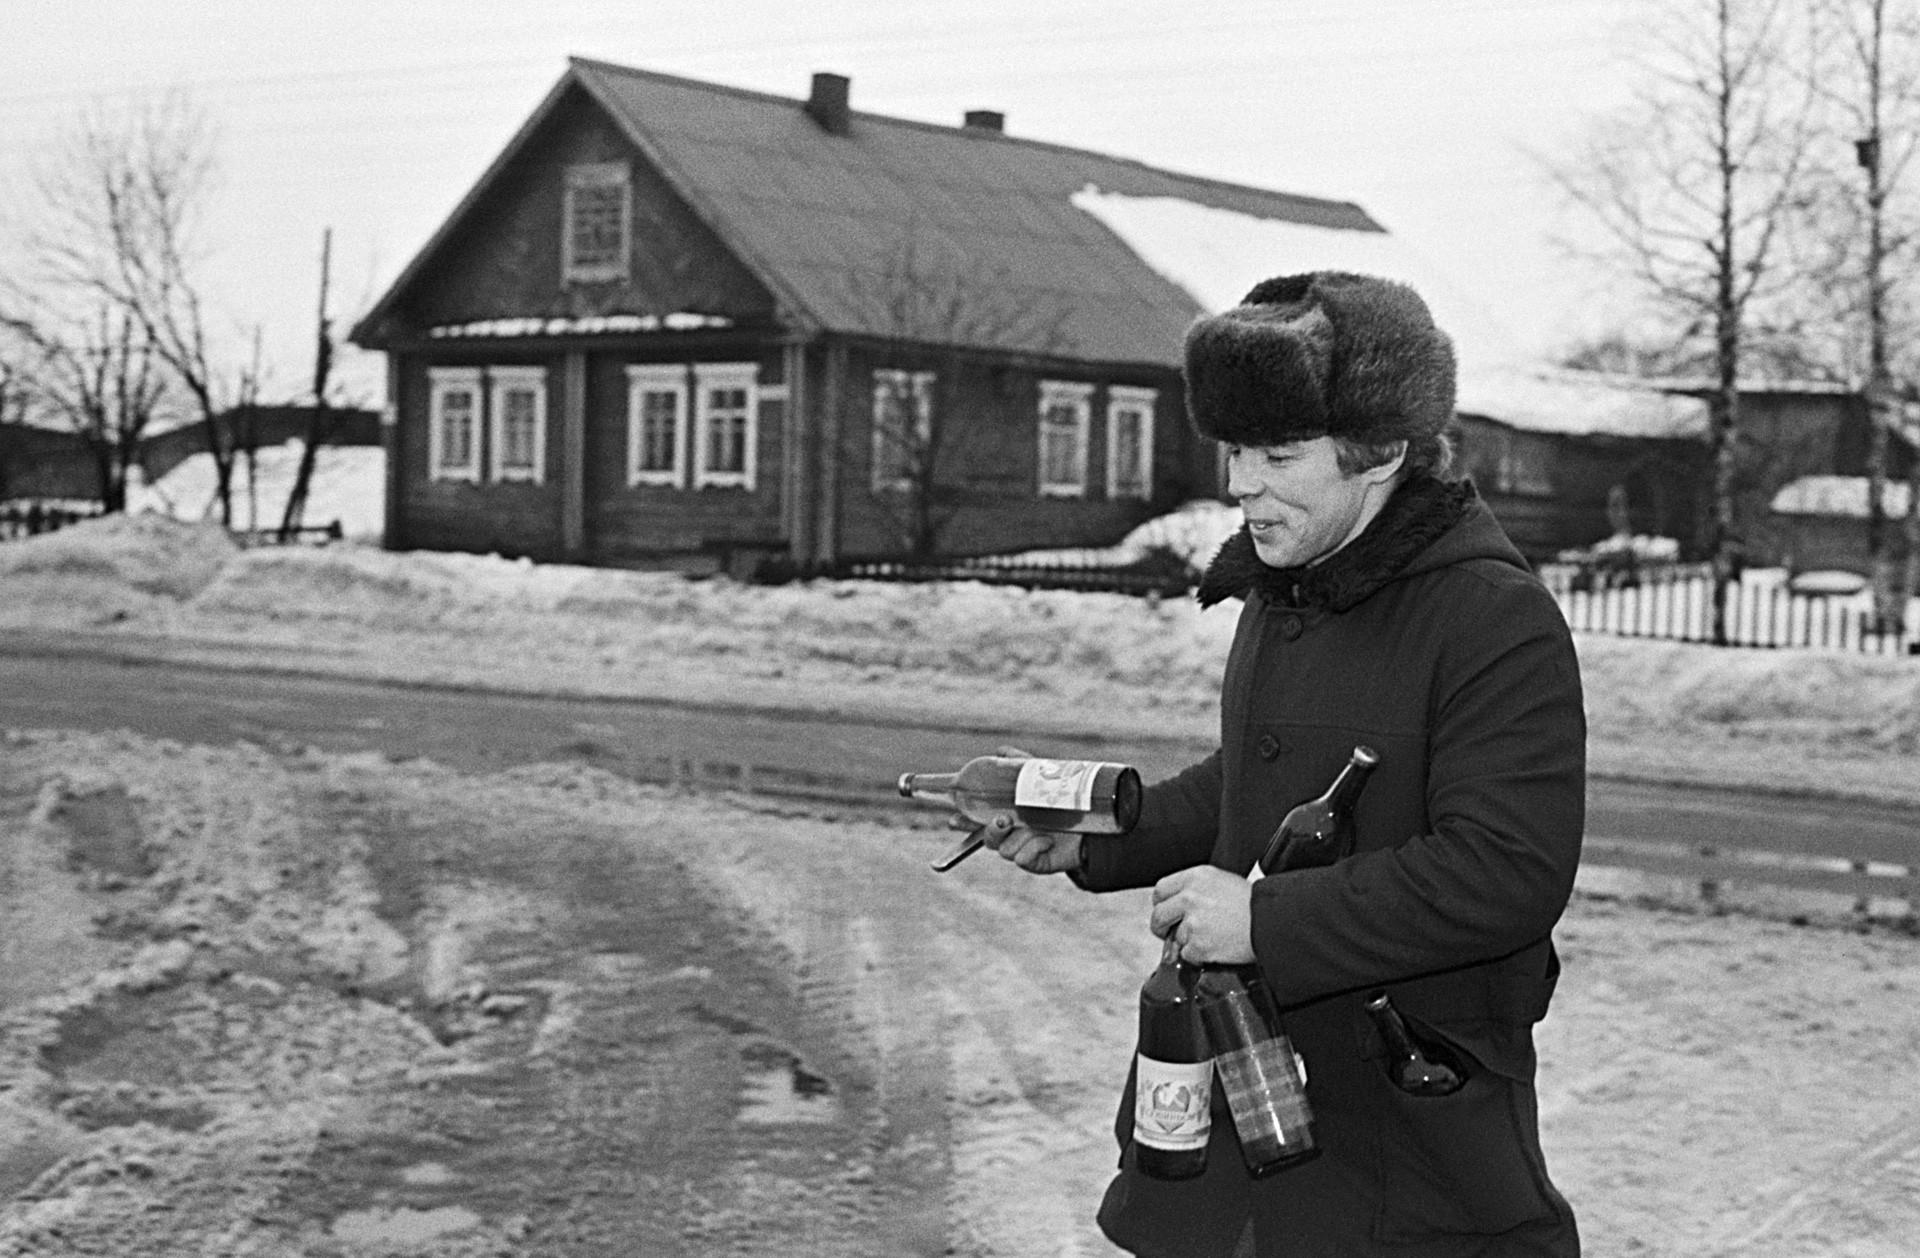 Un hombre que vive en un pueblo. Noviembre de 1990.